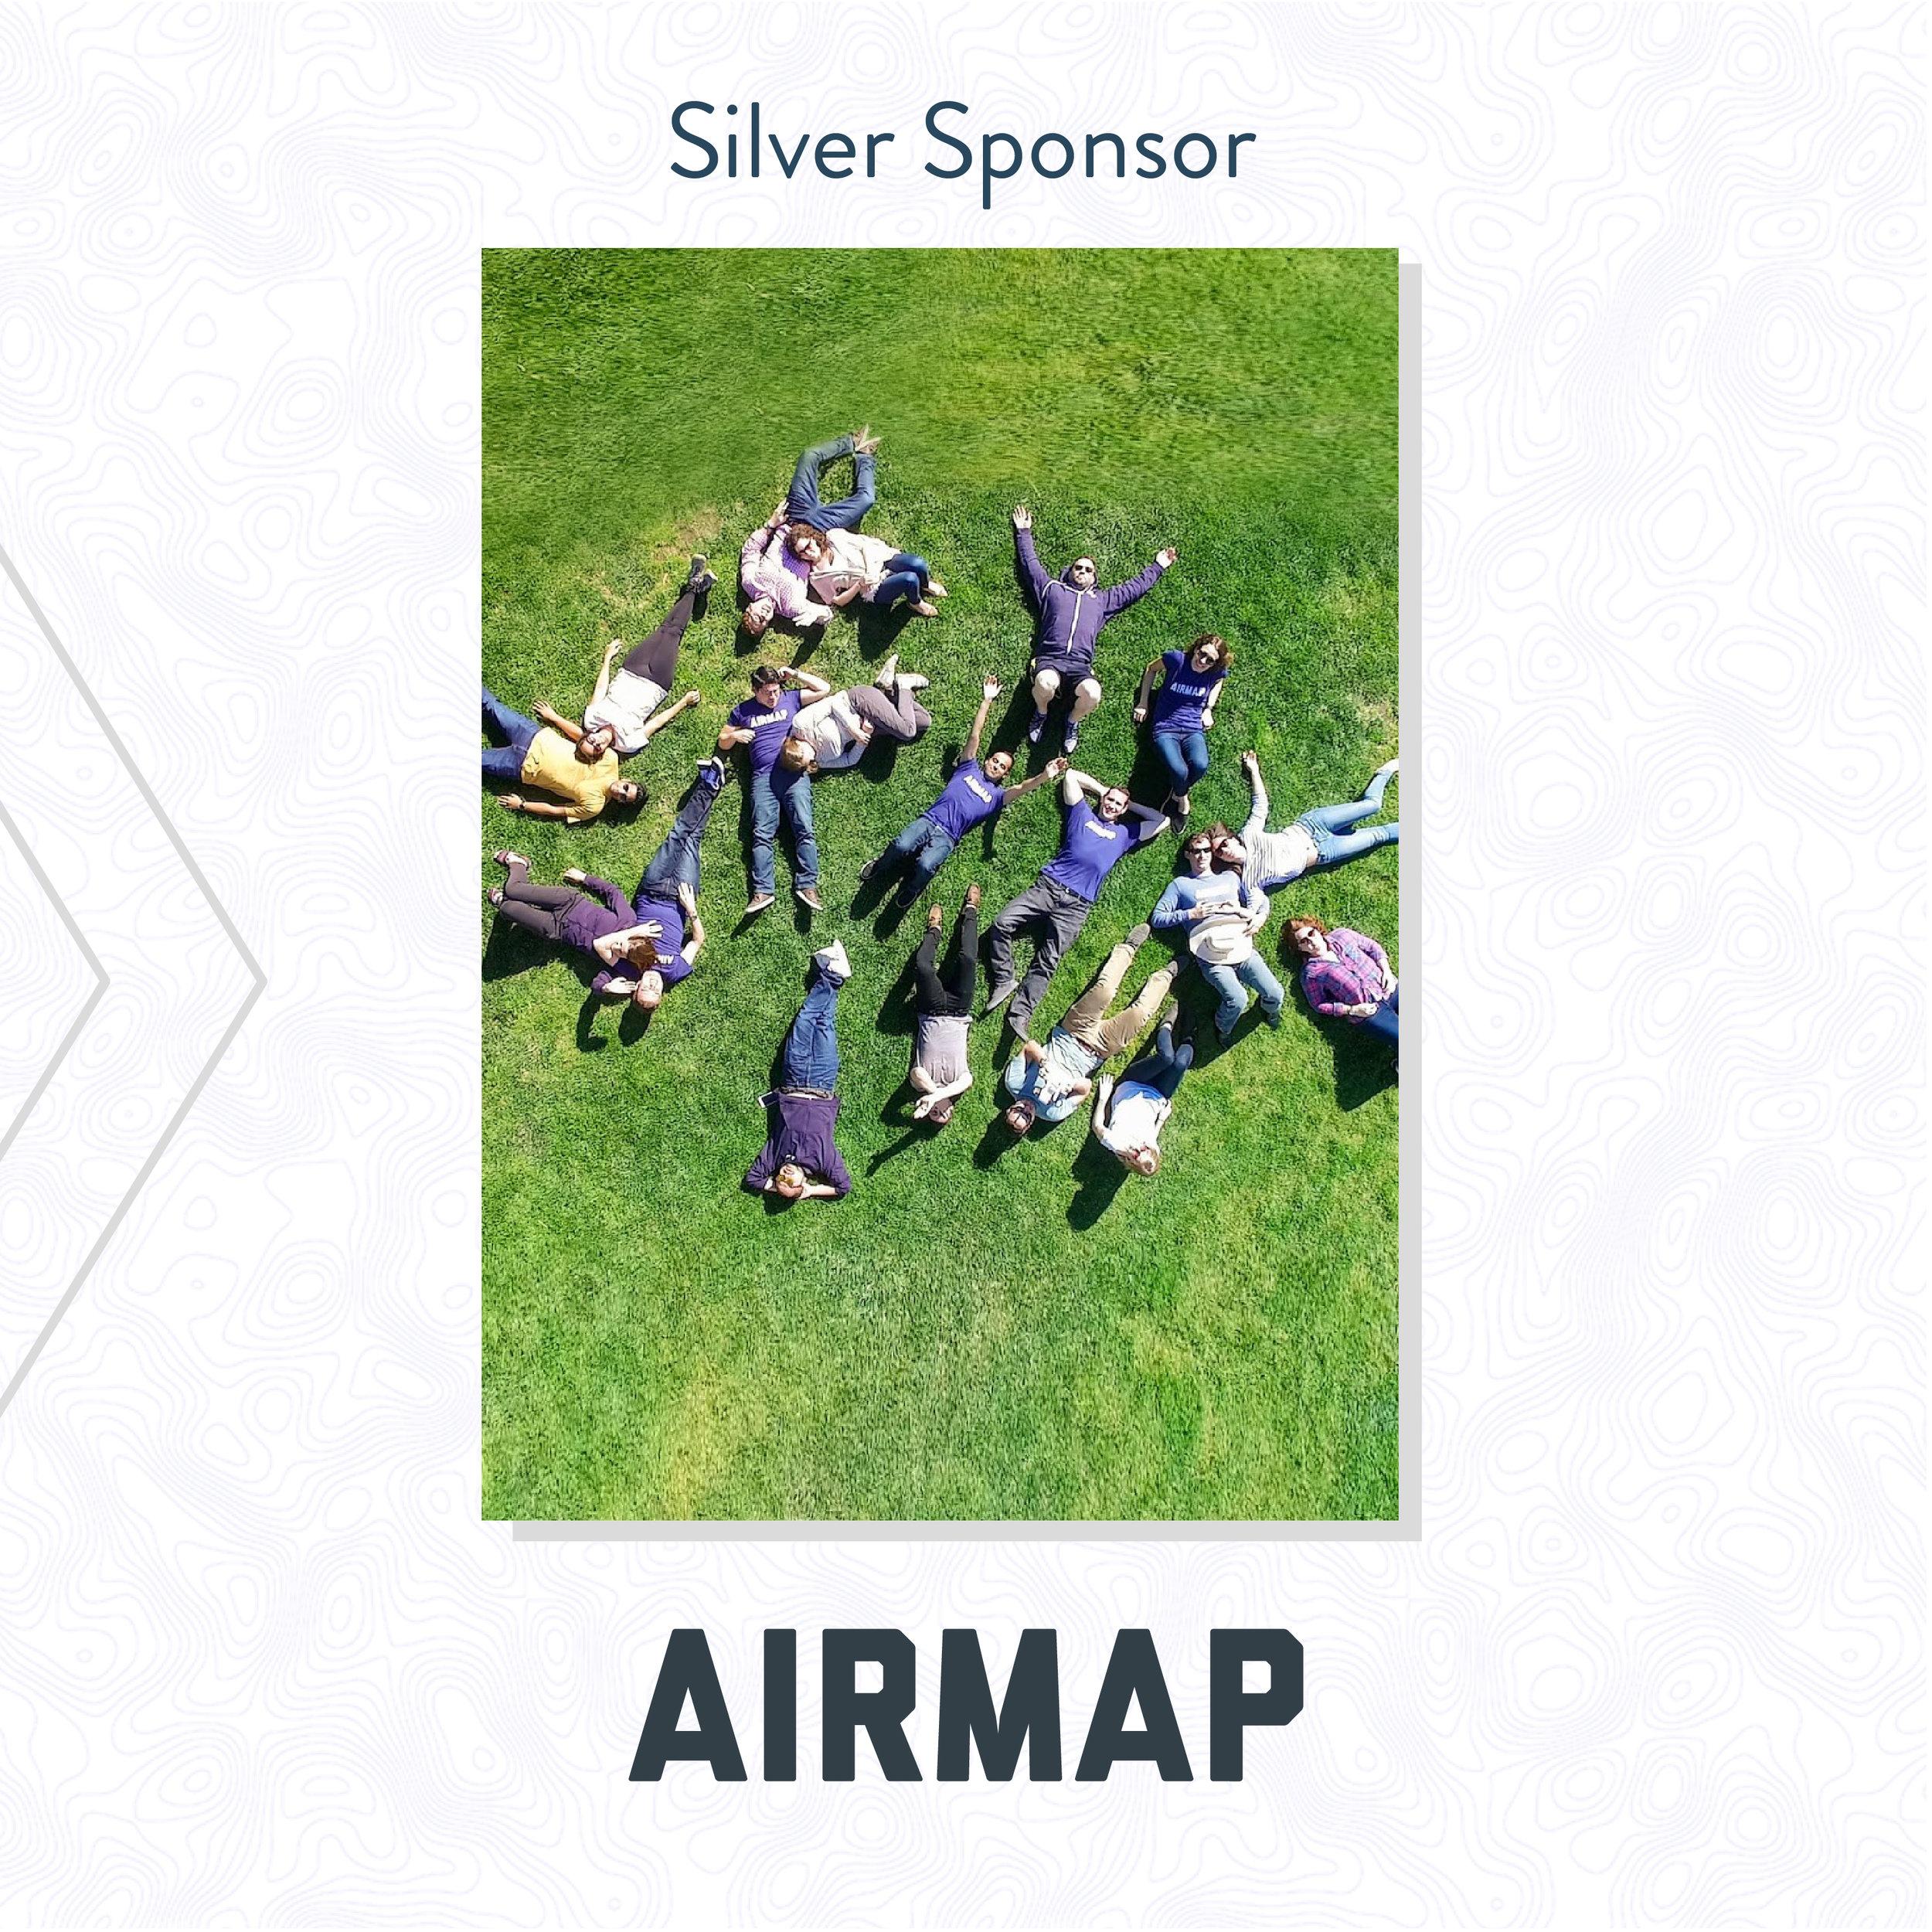 airmap.jpg